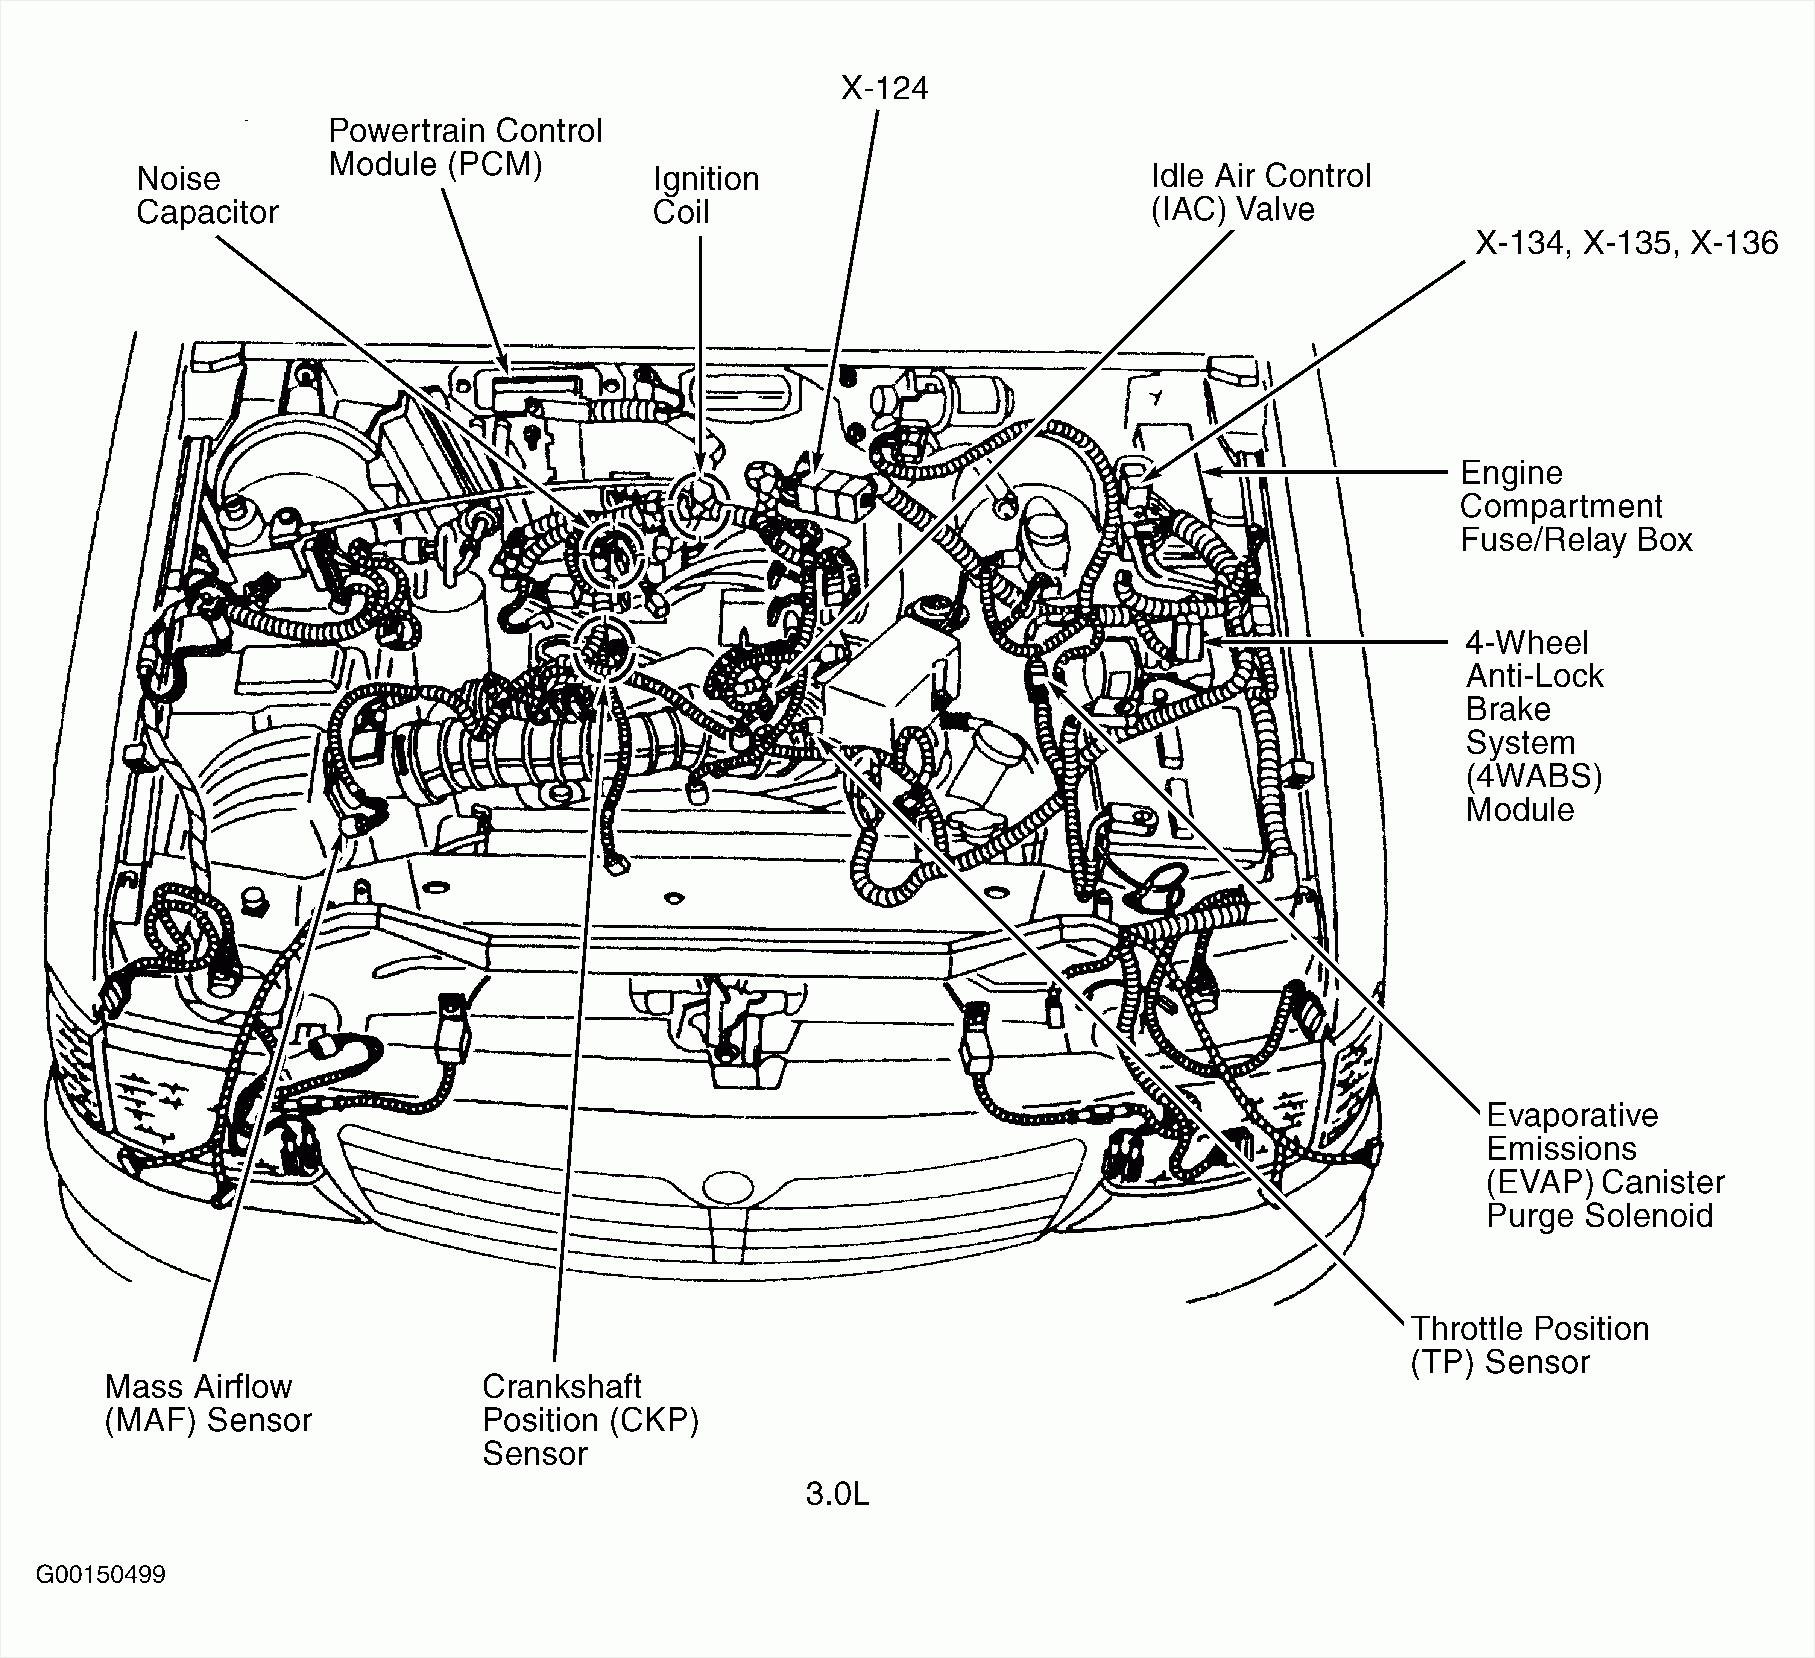 Toyota 4runner Engine Diagram 97 4runner Starter Wiring Diagram Schema Wiring Diagram Of Toyota 4runner Engine Diagram 1995 toyota T100 Dx 4×4 Xtracab 5 Spd Manual W Od